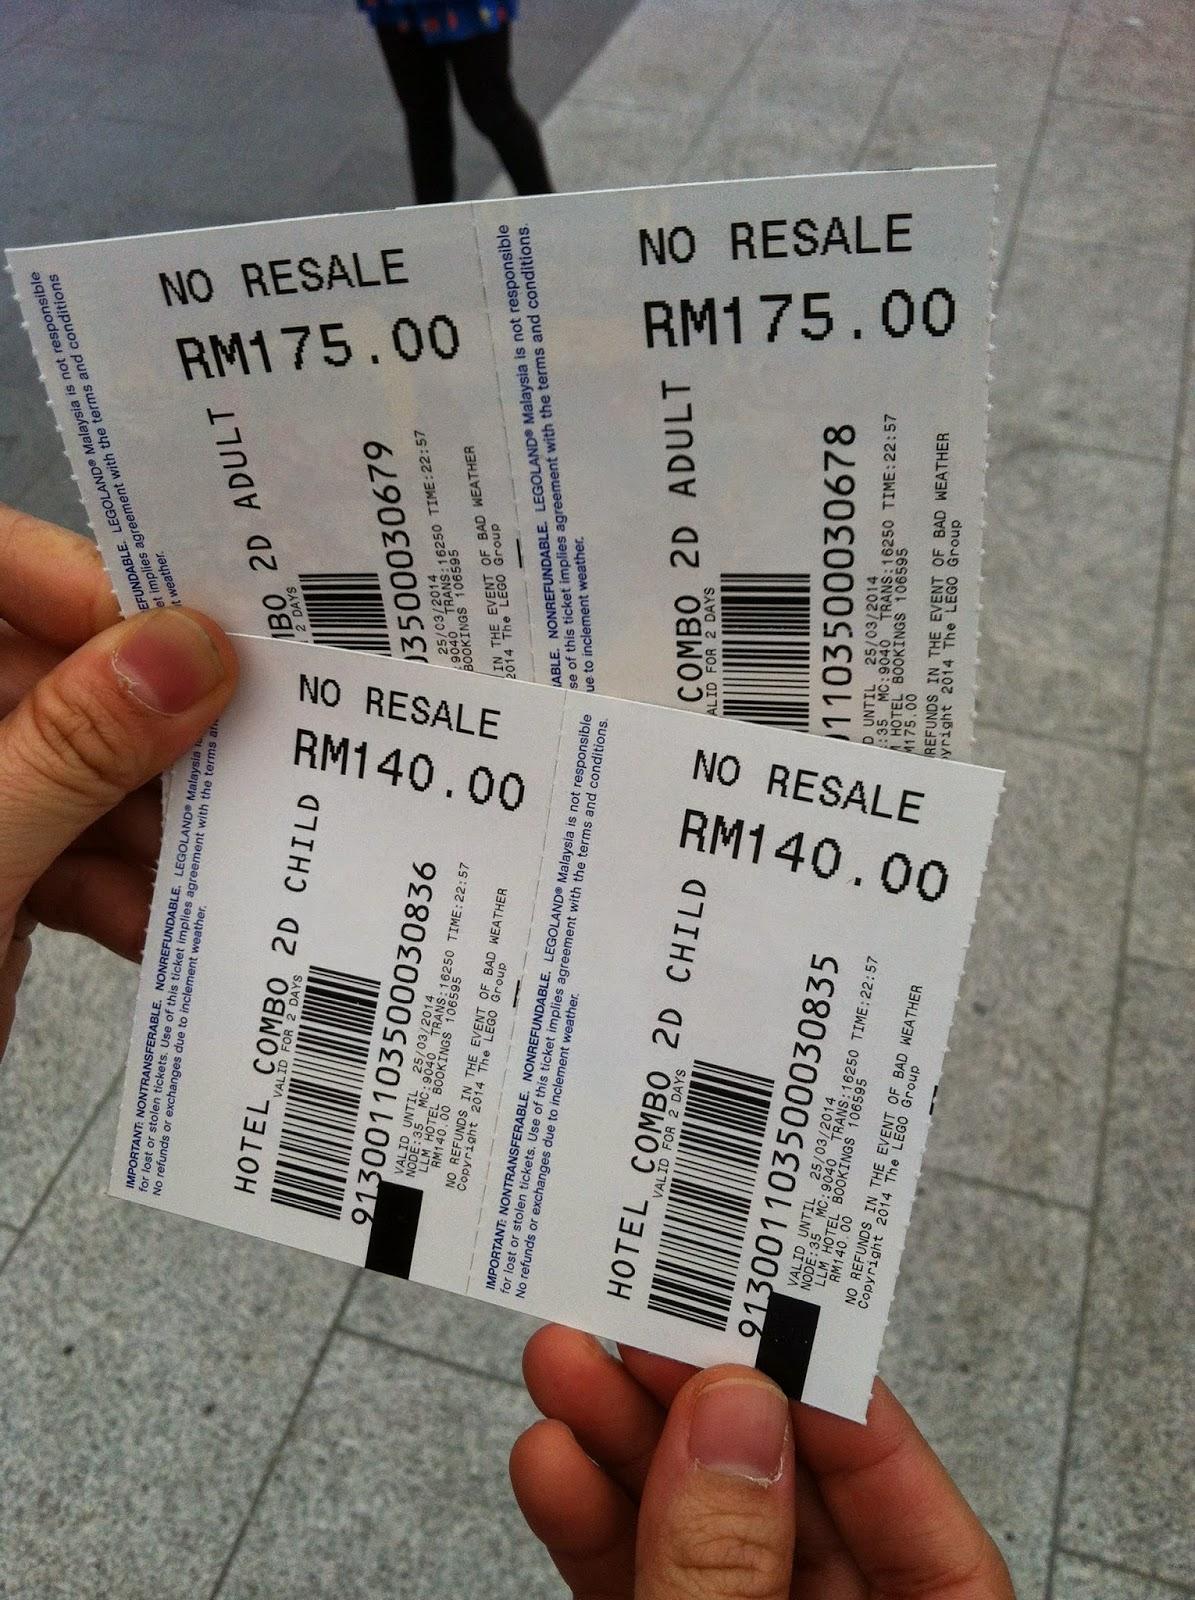 Mummy Zizou Zara Legoland Hotel Jb Kami Datang 1st Day Tiket 01 Malaysia Combo Theme Park Water Anak 3 11 Kalau Duduk Di Bole Dapat Keistimewaan Lebih Murah